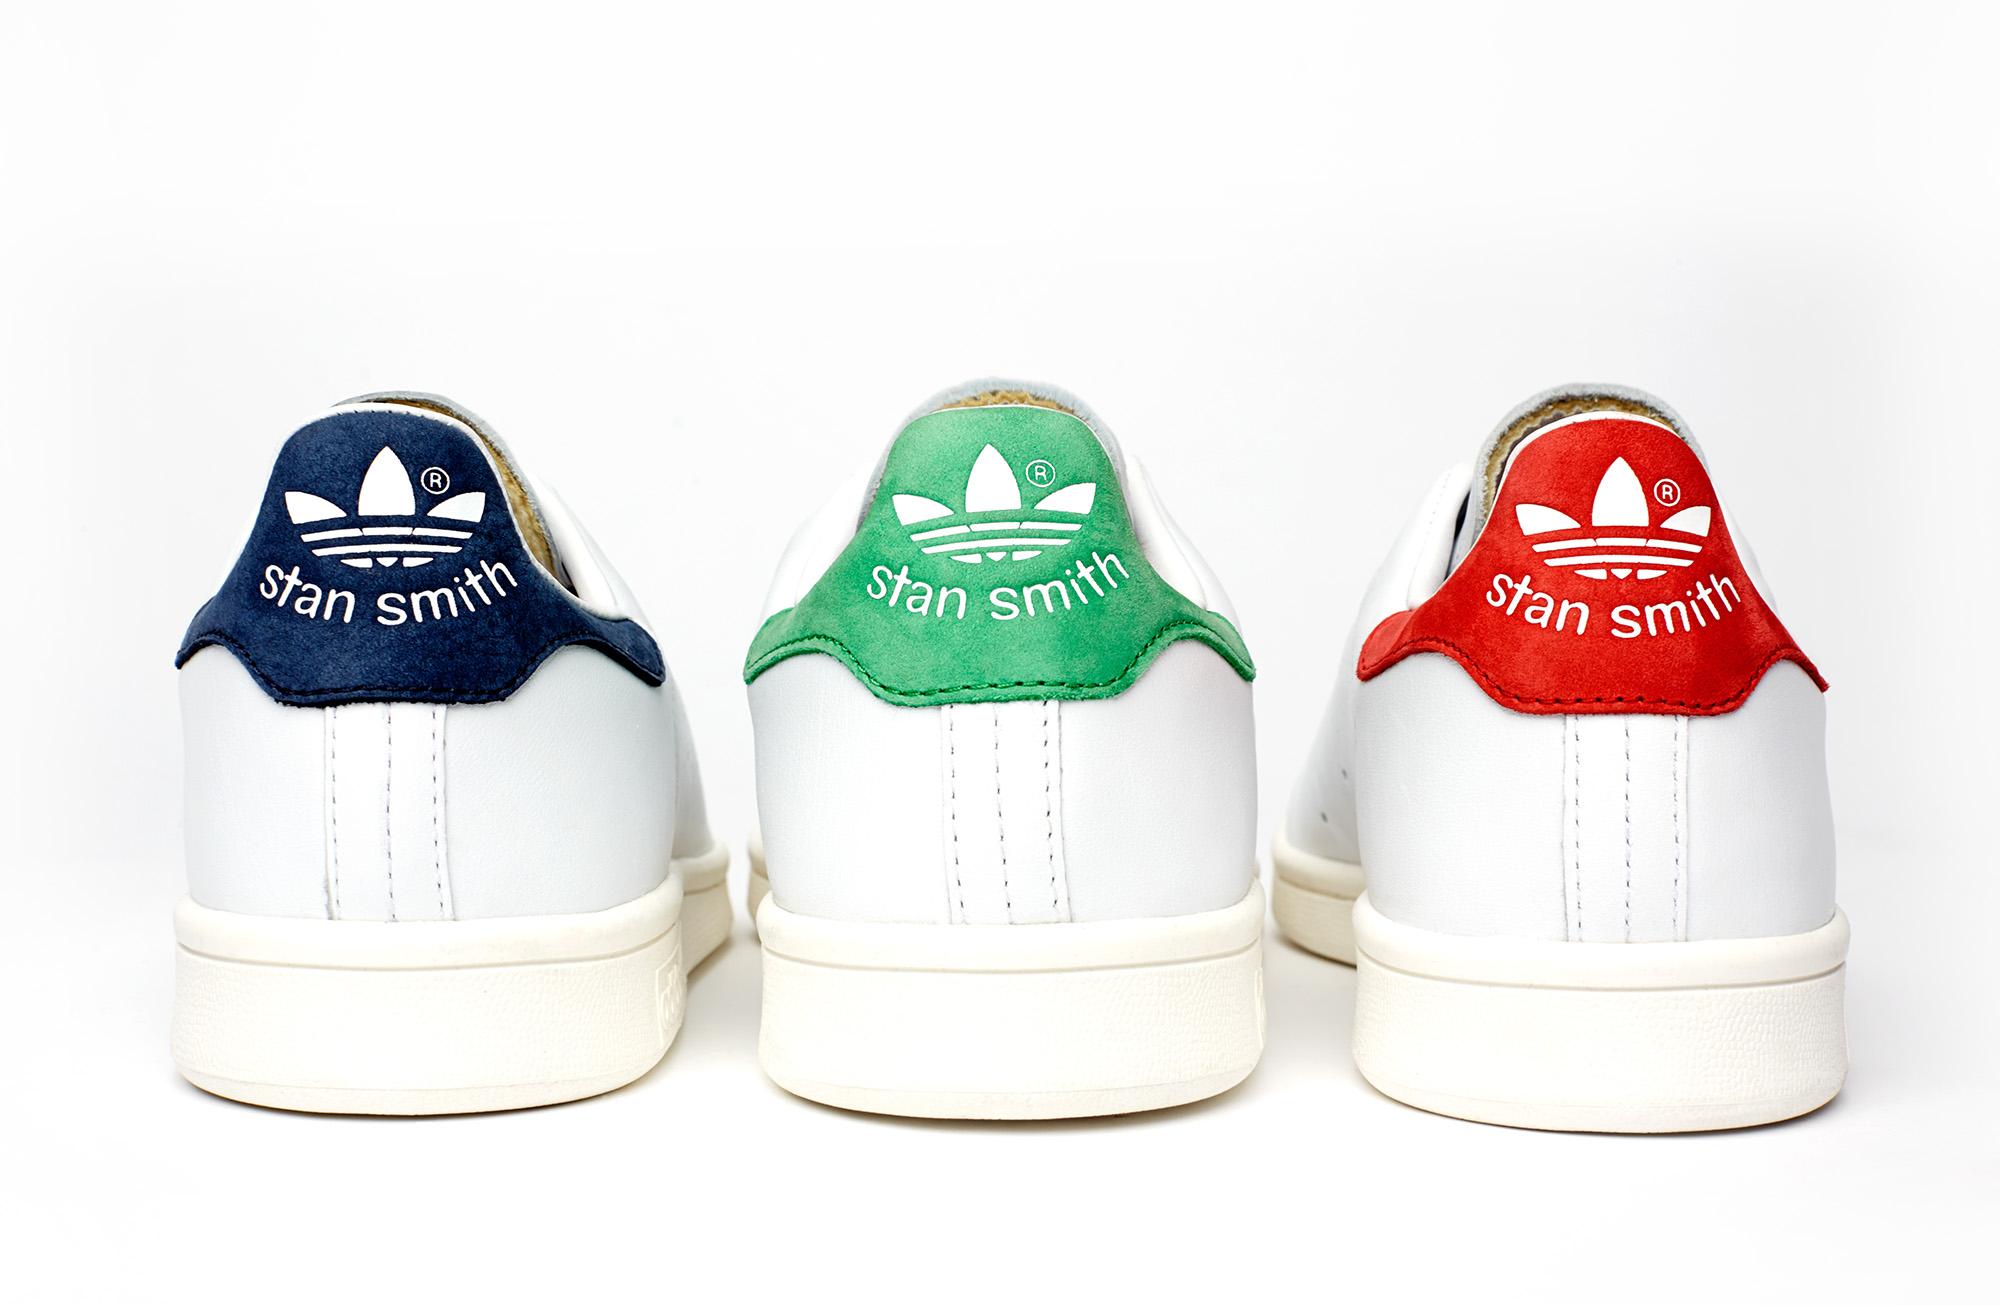 photos officielles df3a9 b4144 Adidas Stan Smith Collection aoriginal.co.uk